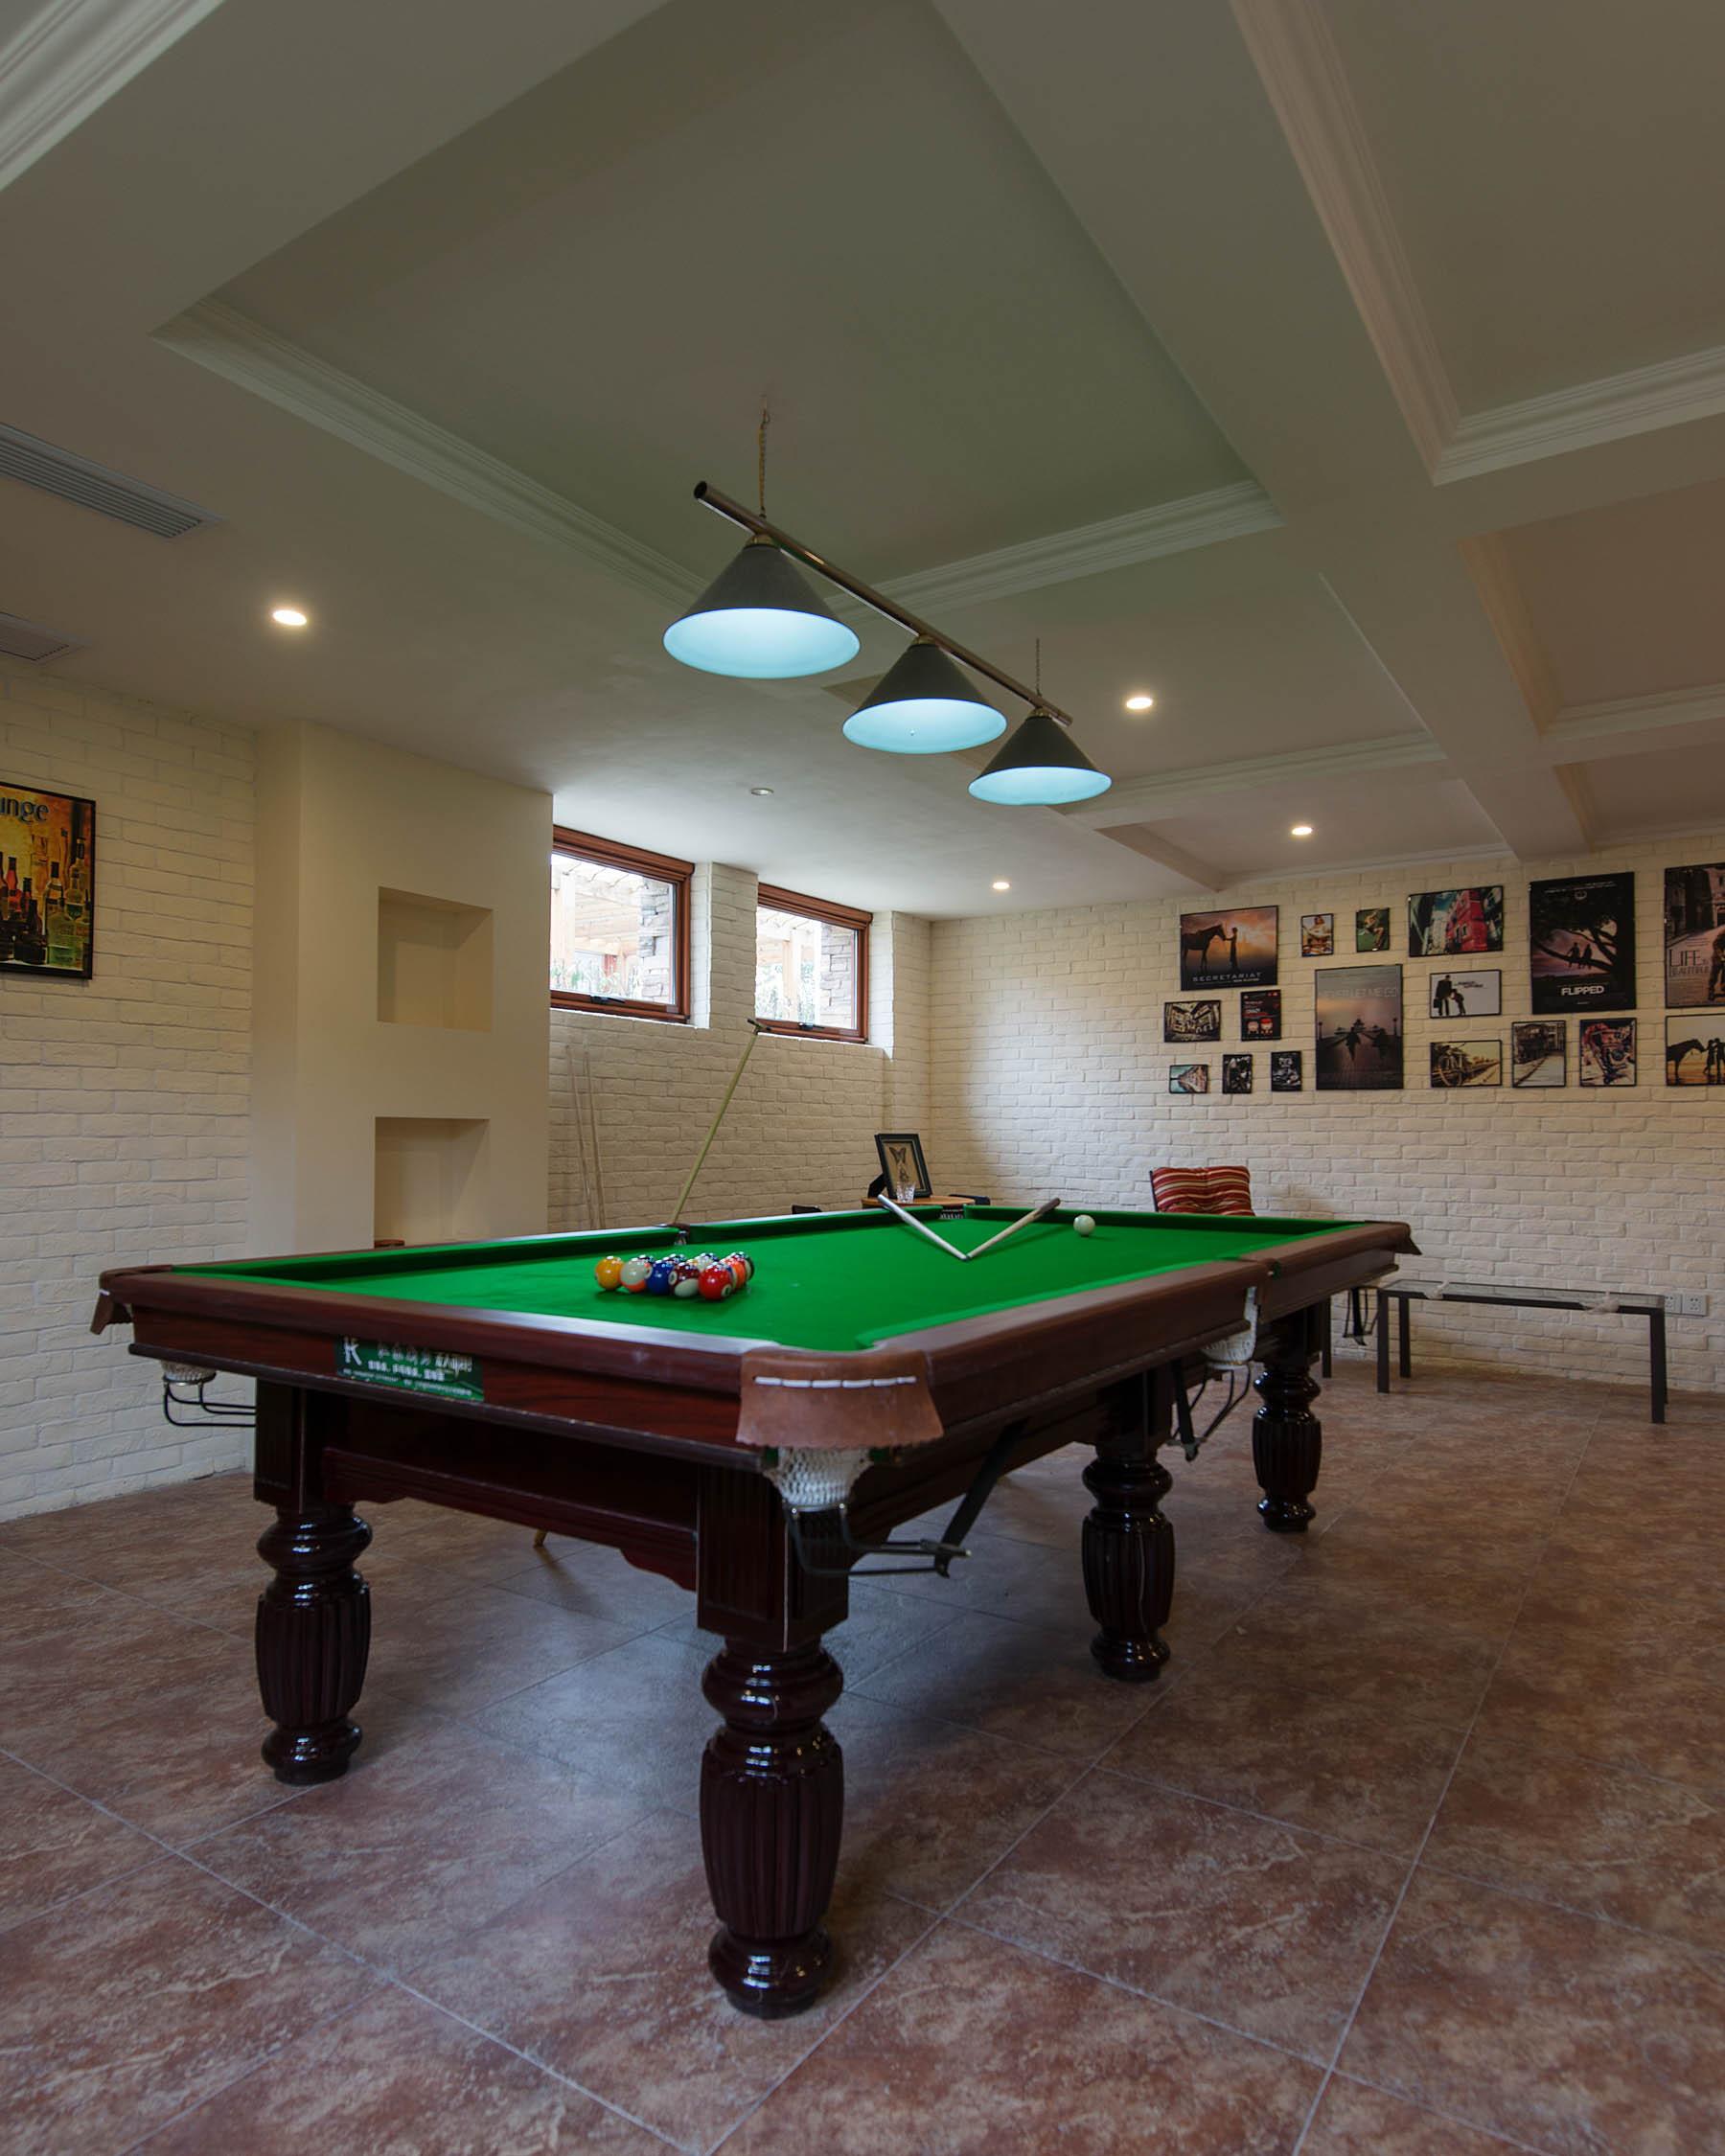 简美别墅装修桌球室图片